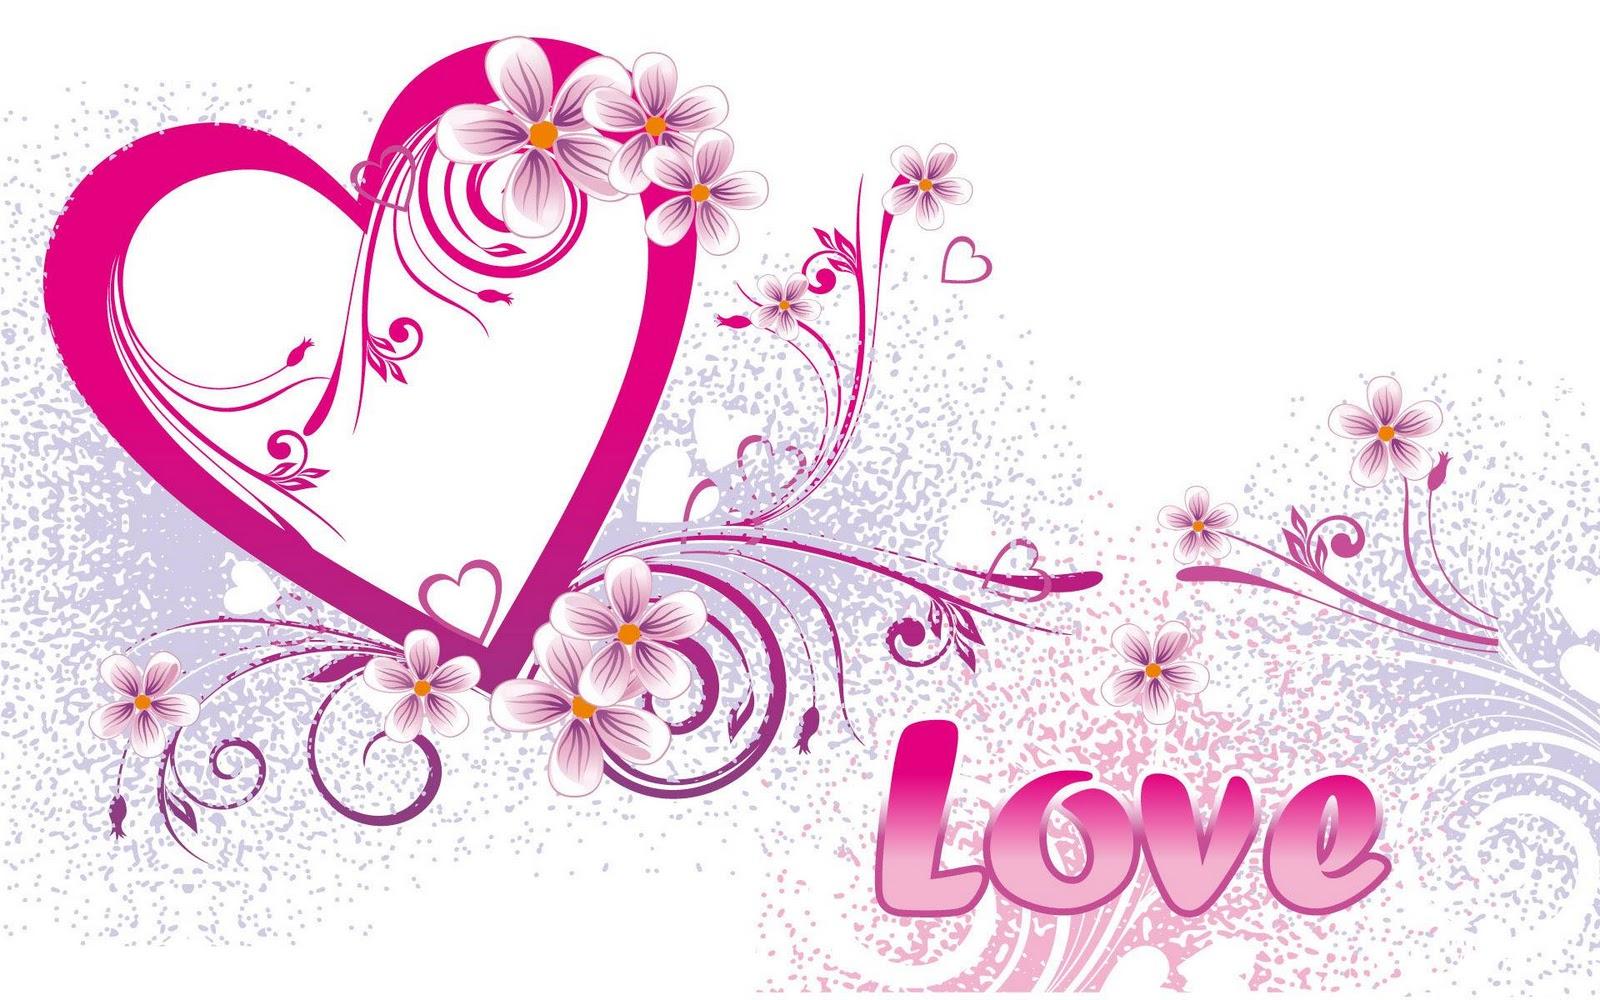 http://3.bp.blogspot.com/_zYRvd41bZDw/TO-xUK-i9qI/AAAAAAAAABc/q-lpdBK0D10/s1600/Love-wallpaper-love-4187632-1920-1200.jpg